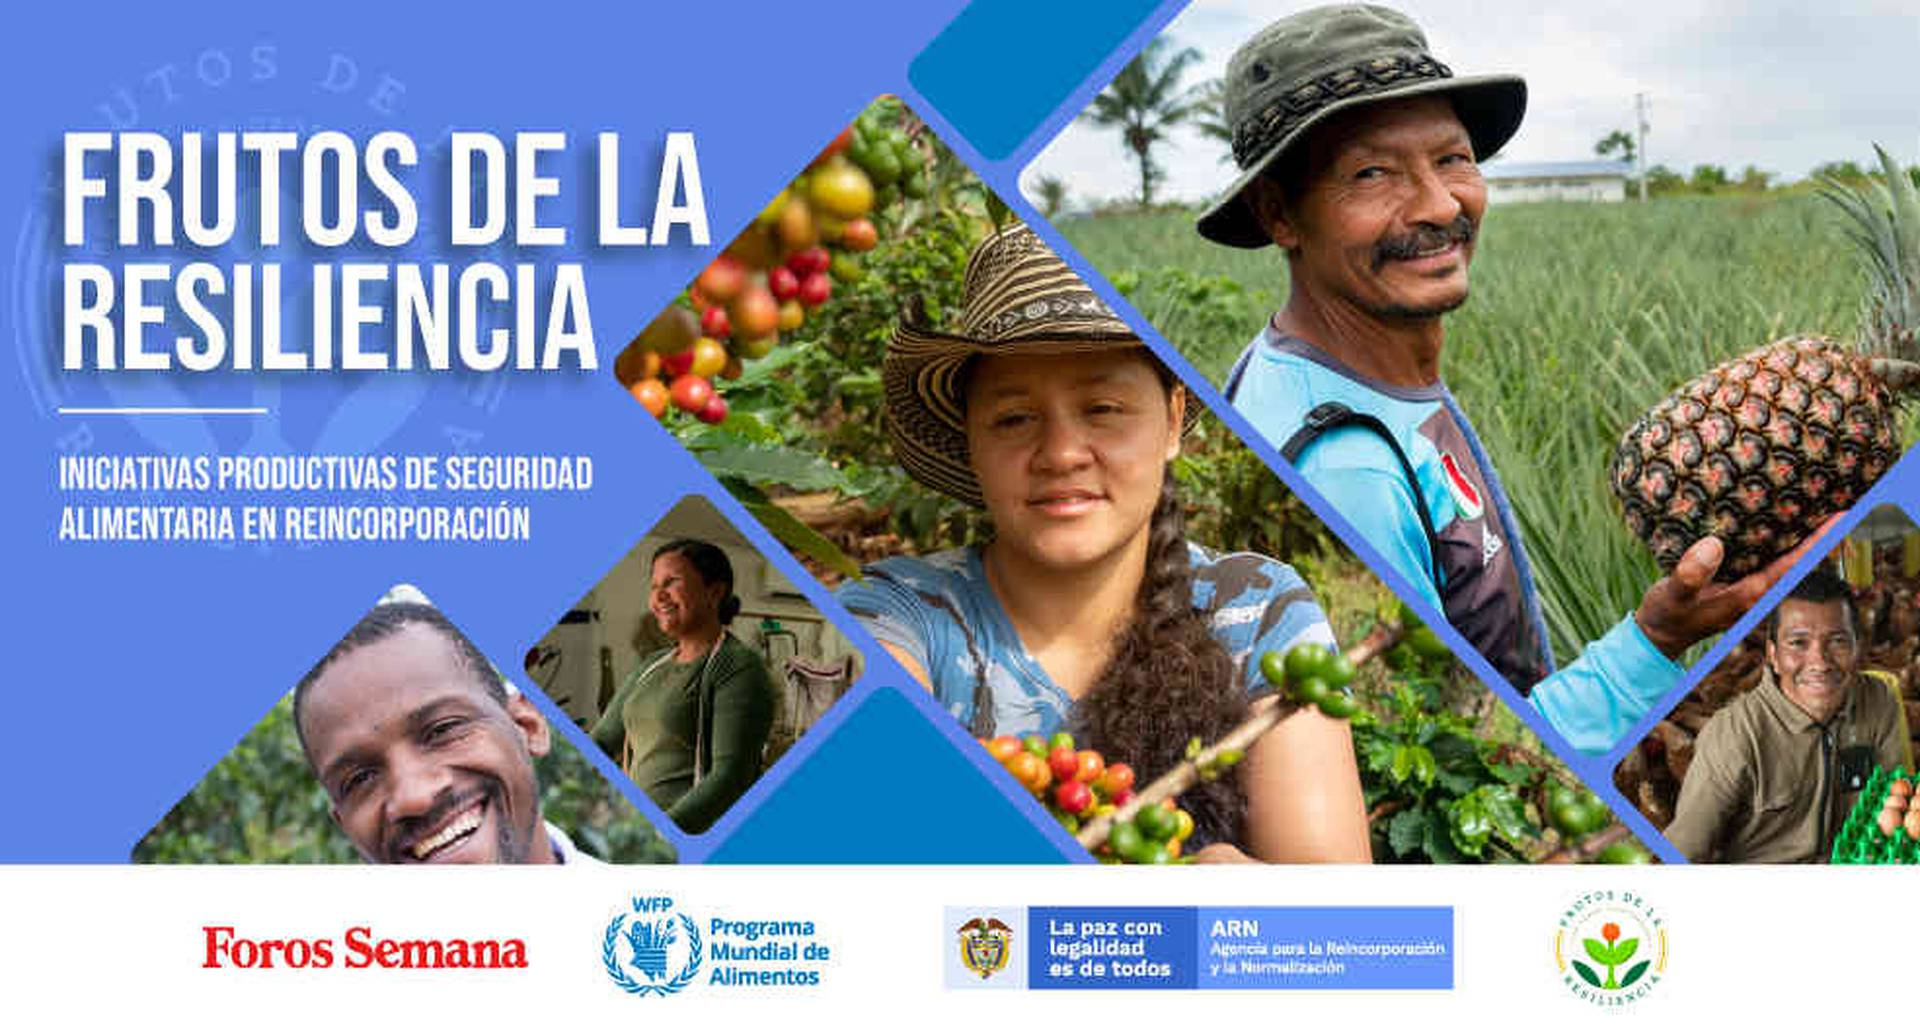 FARC: excombatientes y las iniciativas para su reintegración social Foros Semana